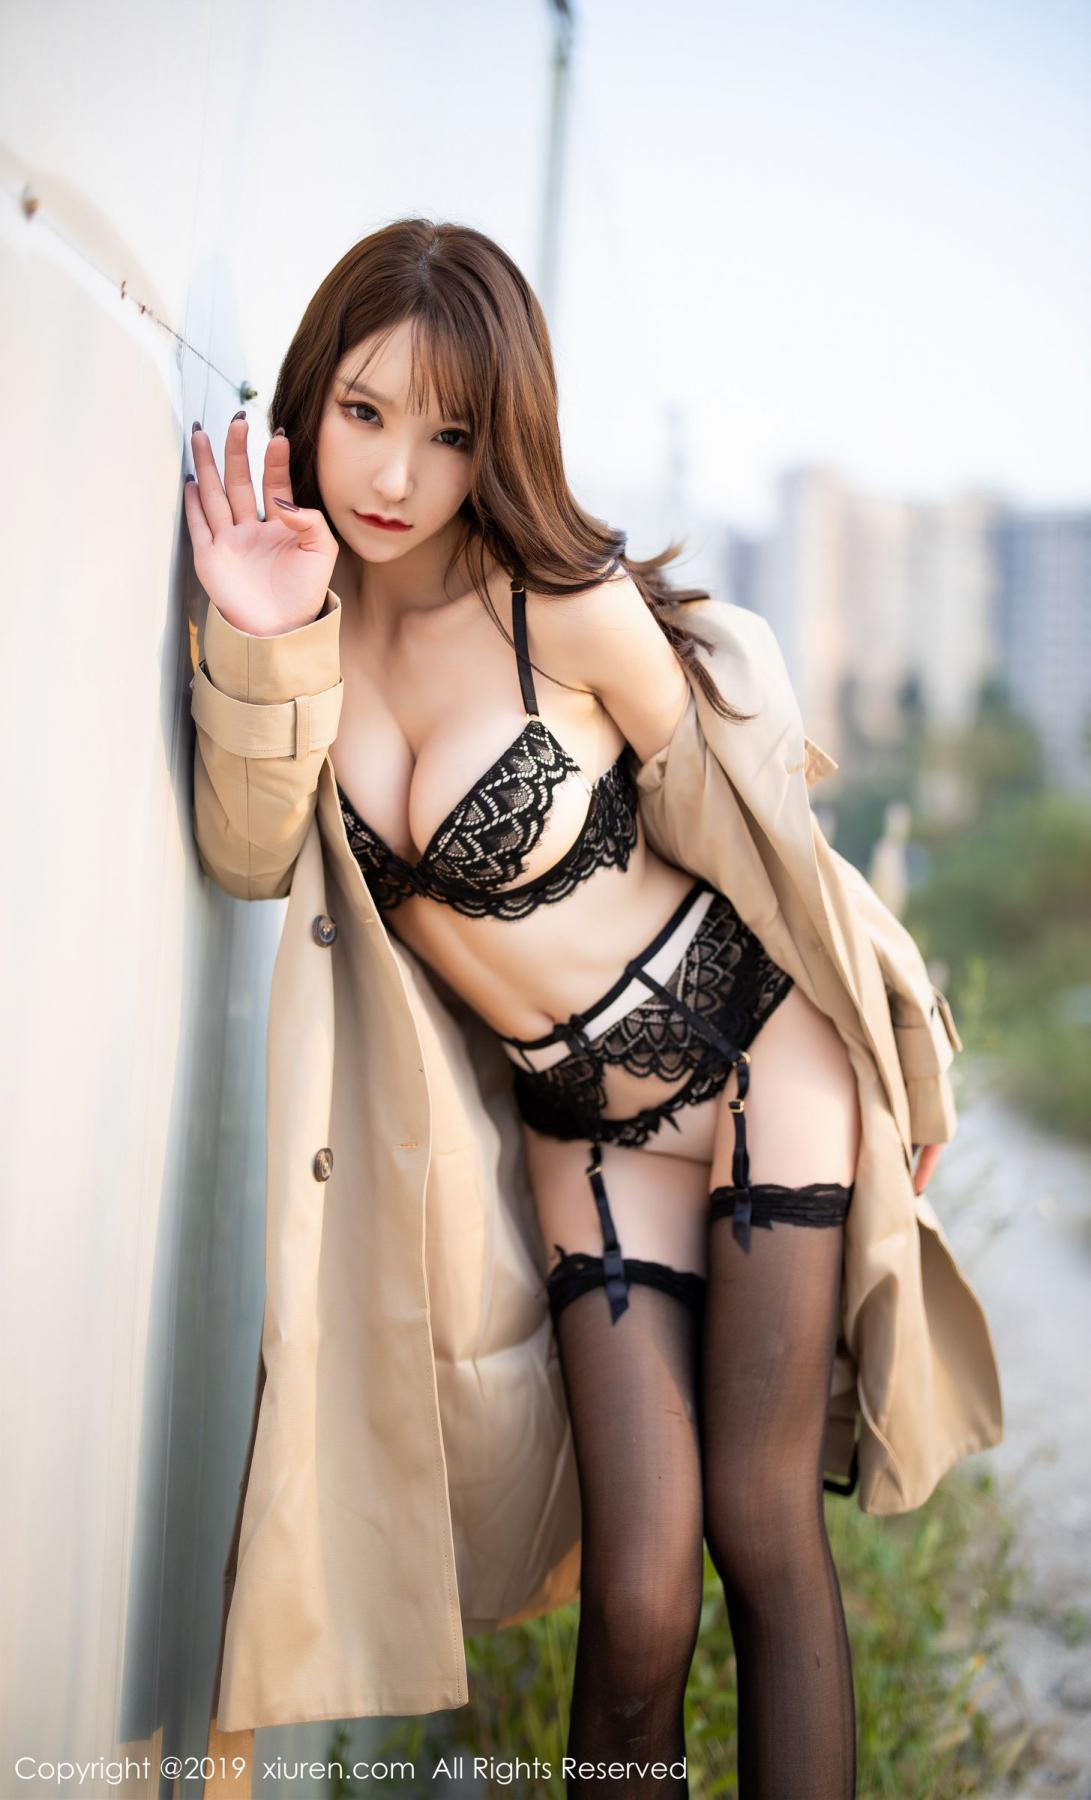 [XiuRen] Vol.1876 Zhou Yu Xi 87P, Black Silk, Outdoor, Underwear, Xiuren, Zhou Yu Xi